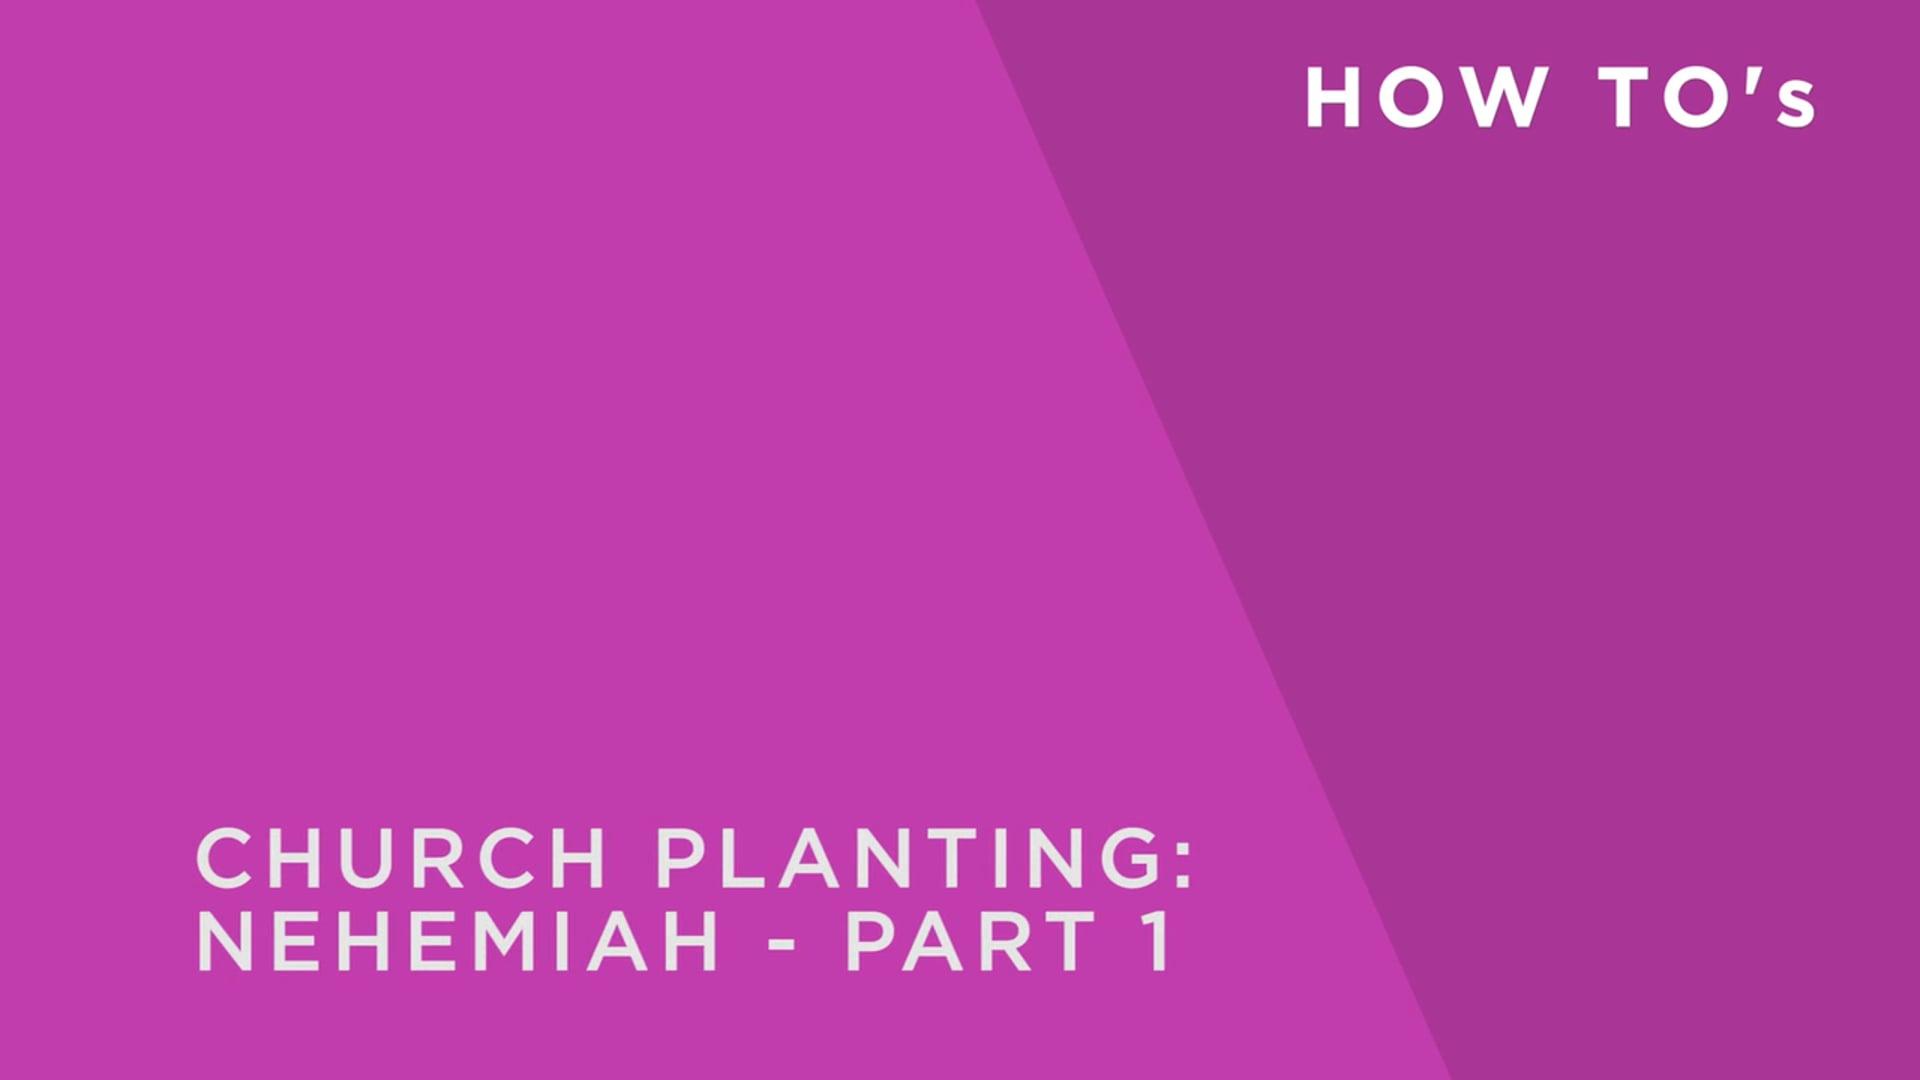 Church Planting: Nehemiah 1